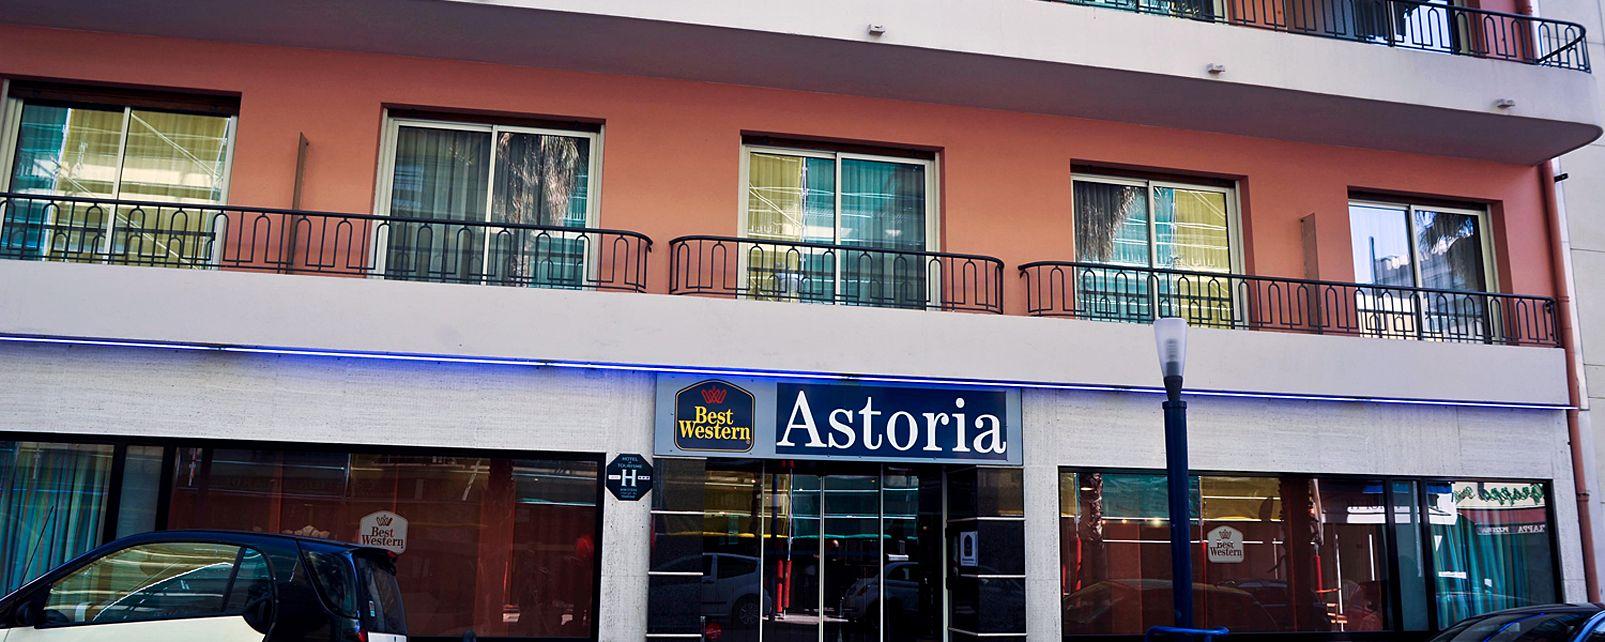 Hôtel Best Western Astoria